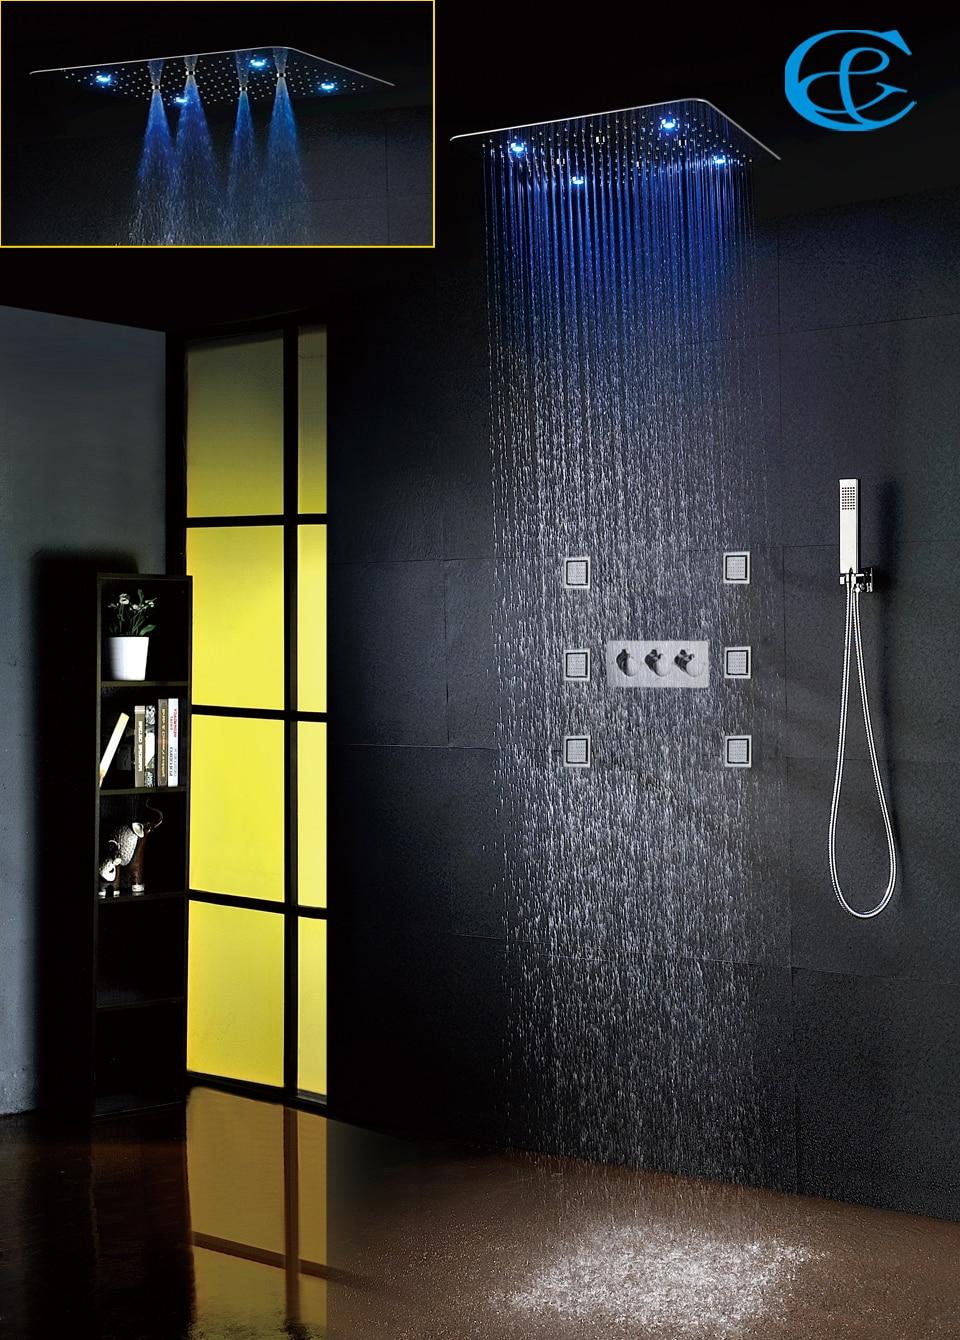 Ванная комната душа Установить аксессуары кран Панель коснитесь горячей и холодной водой Светодиодный потолочный Насадки для душа дождь в